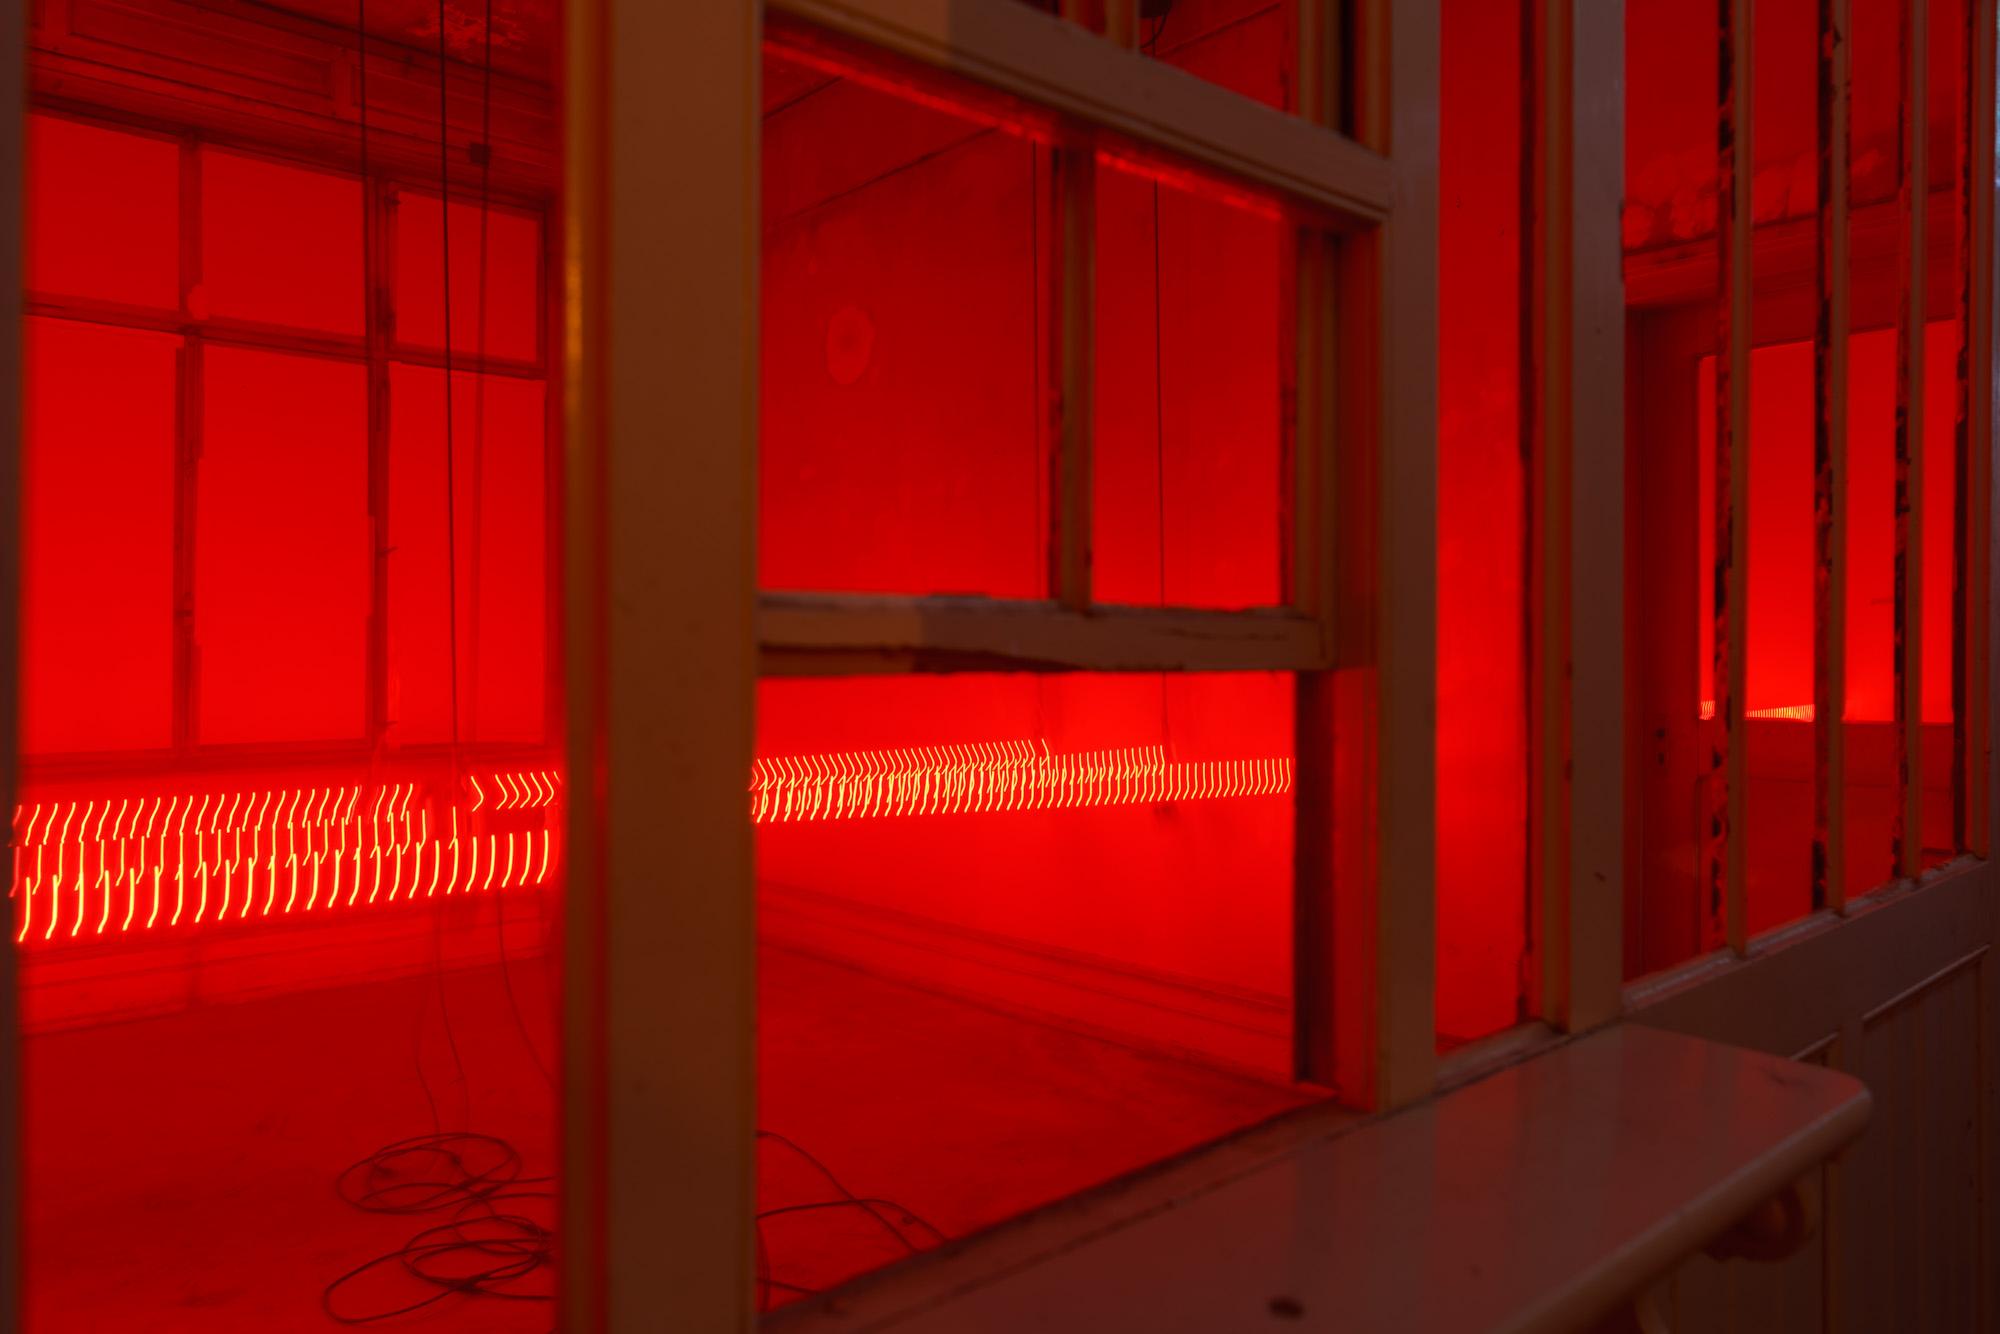 15-12-04 AV Exciters - SelEstArt © Bartosch Salmanski - www.128db.fr 0023